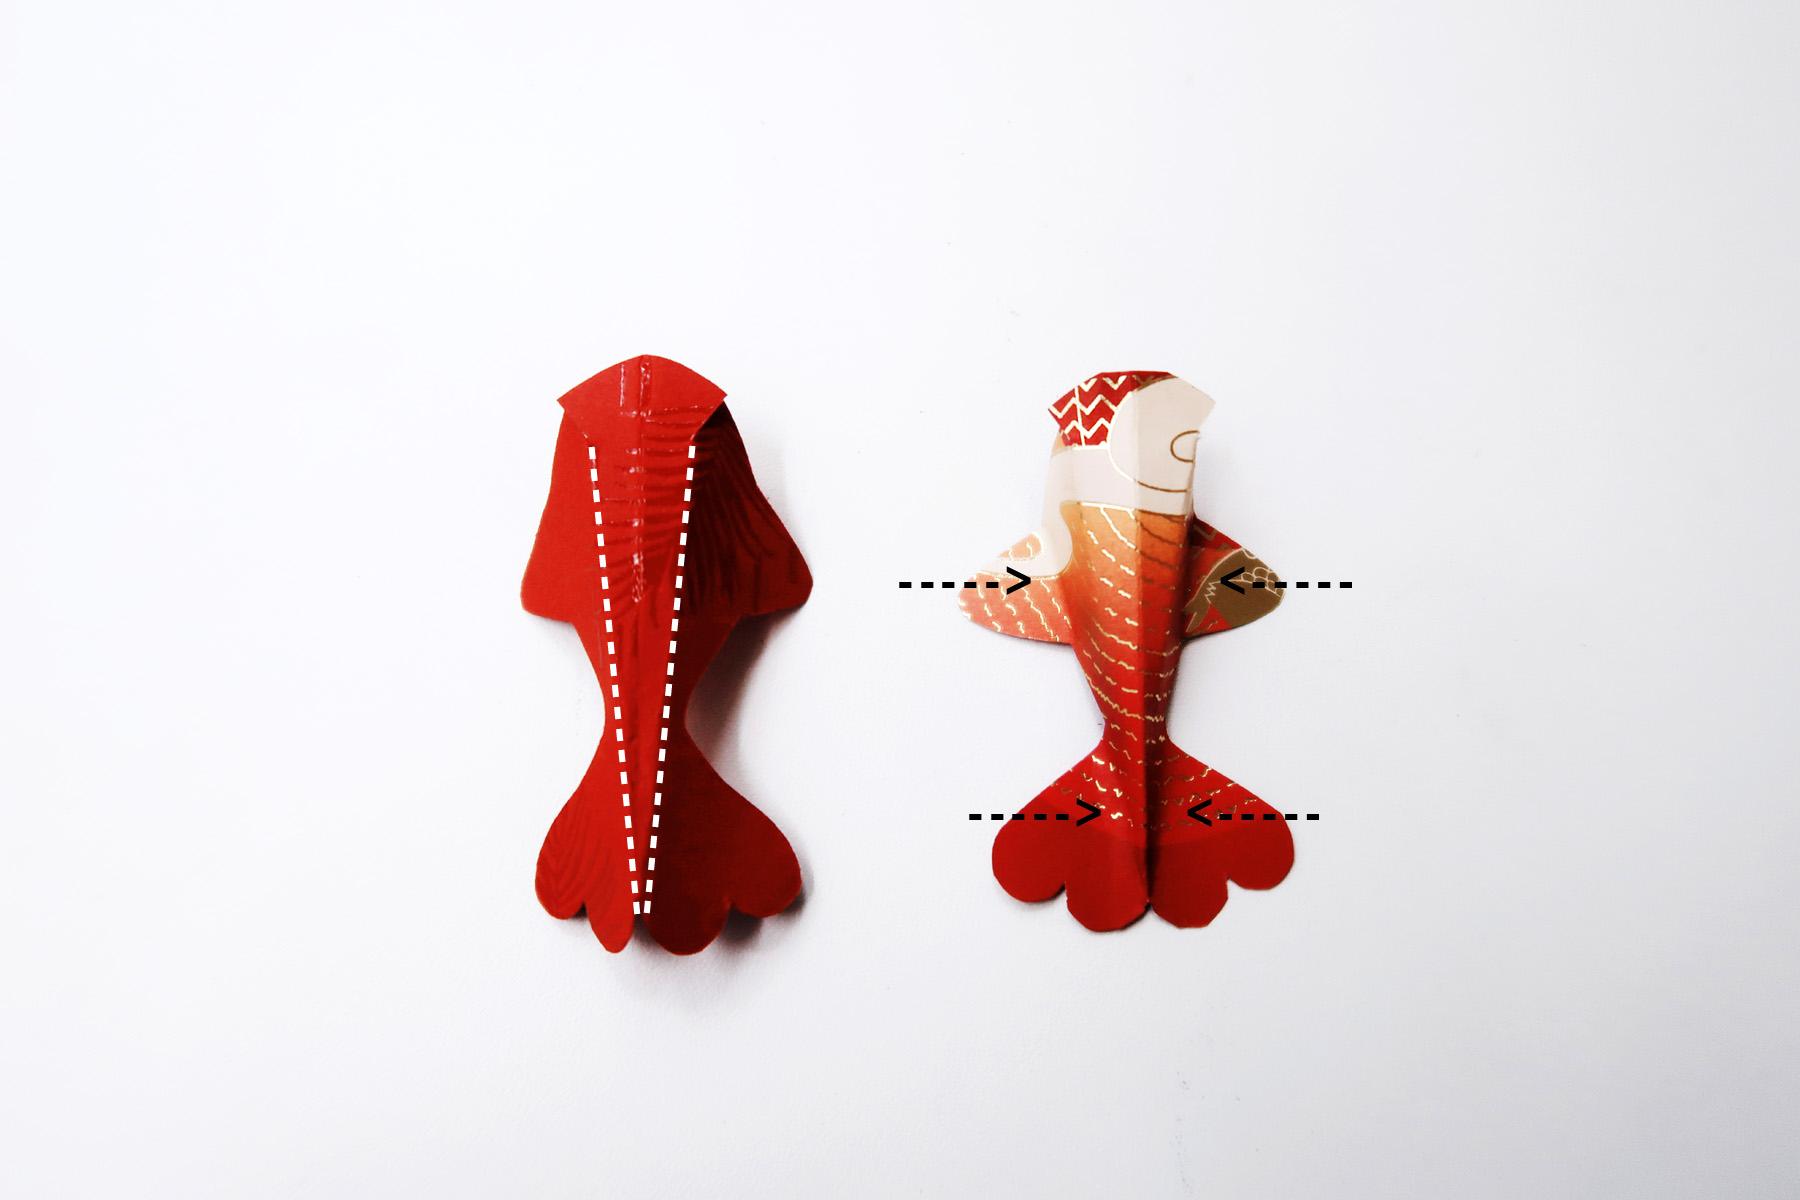 / 灰調 / DIY手作小教學:立體錦鯉紅包袋 - 折線成形